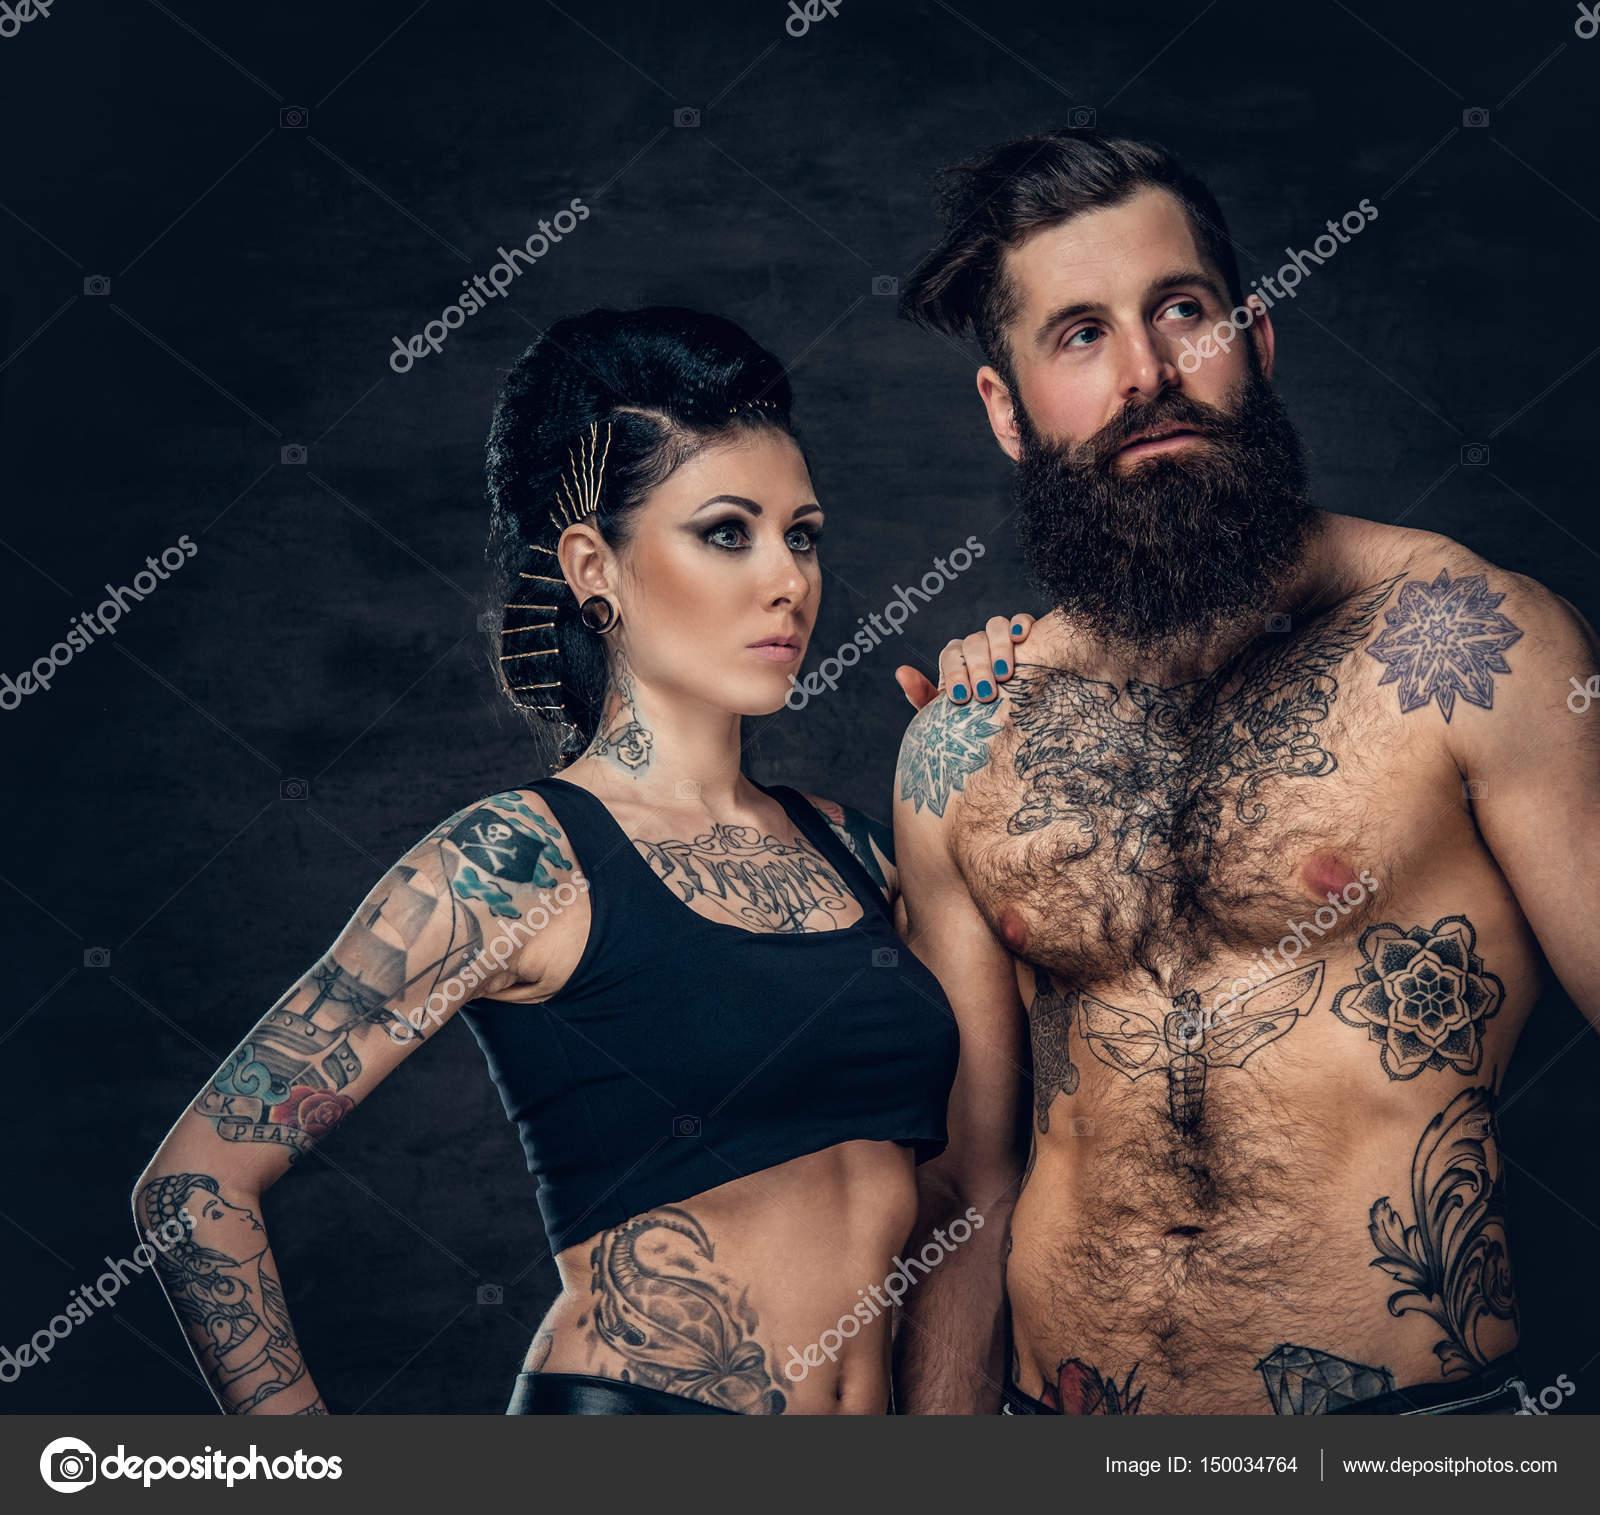 Modelos Hombres Con Tatuajes Y Barba Hombre Con Barba Tatuada Y